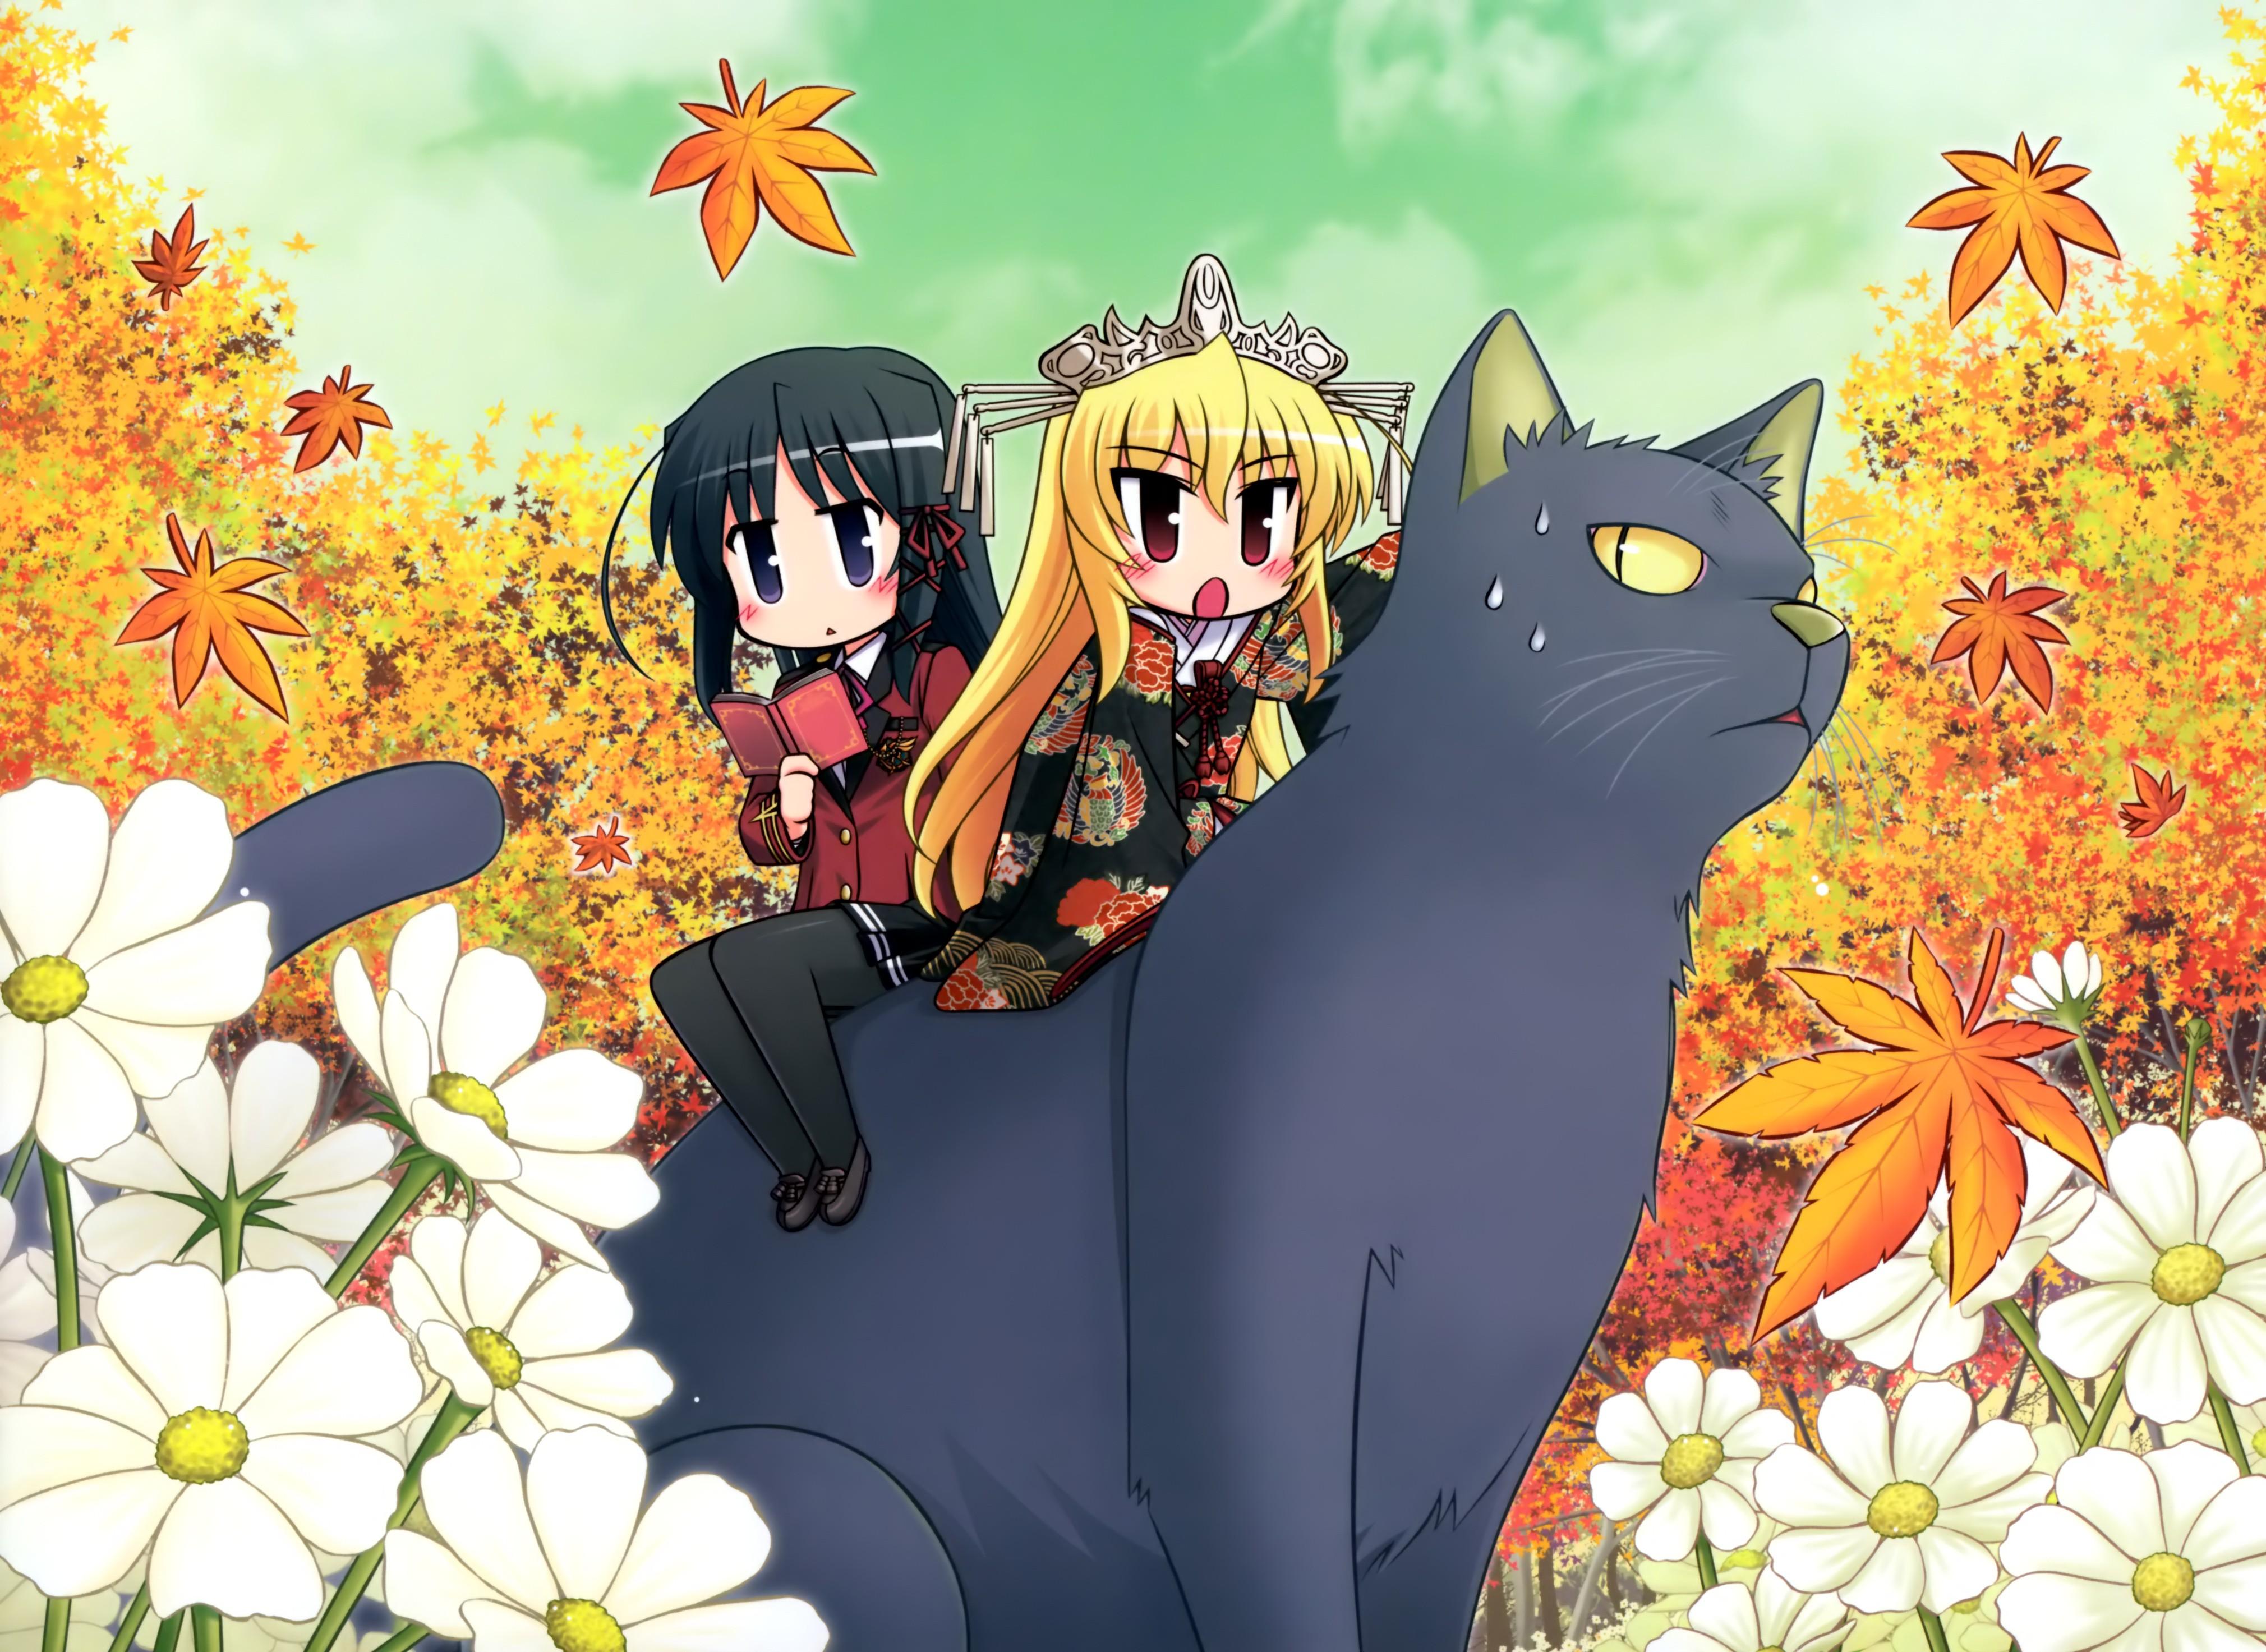 Wallpaper Ilustrasi Gadis Anime Chibi Gambar Kartun